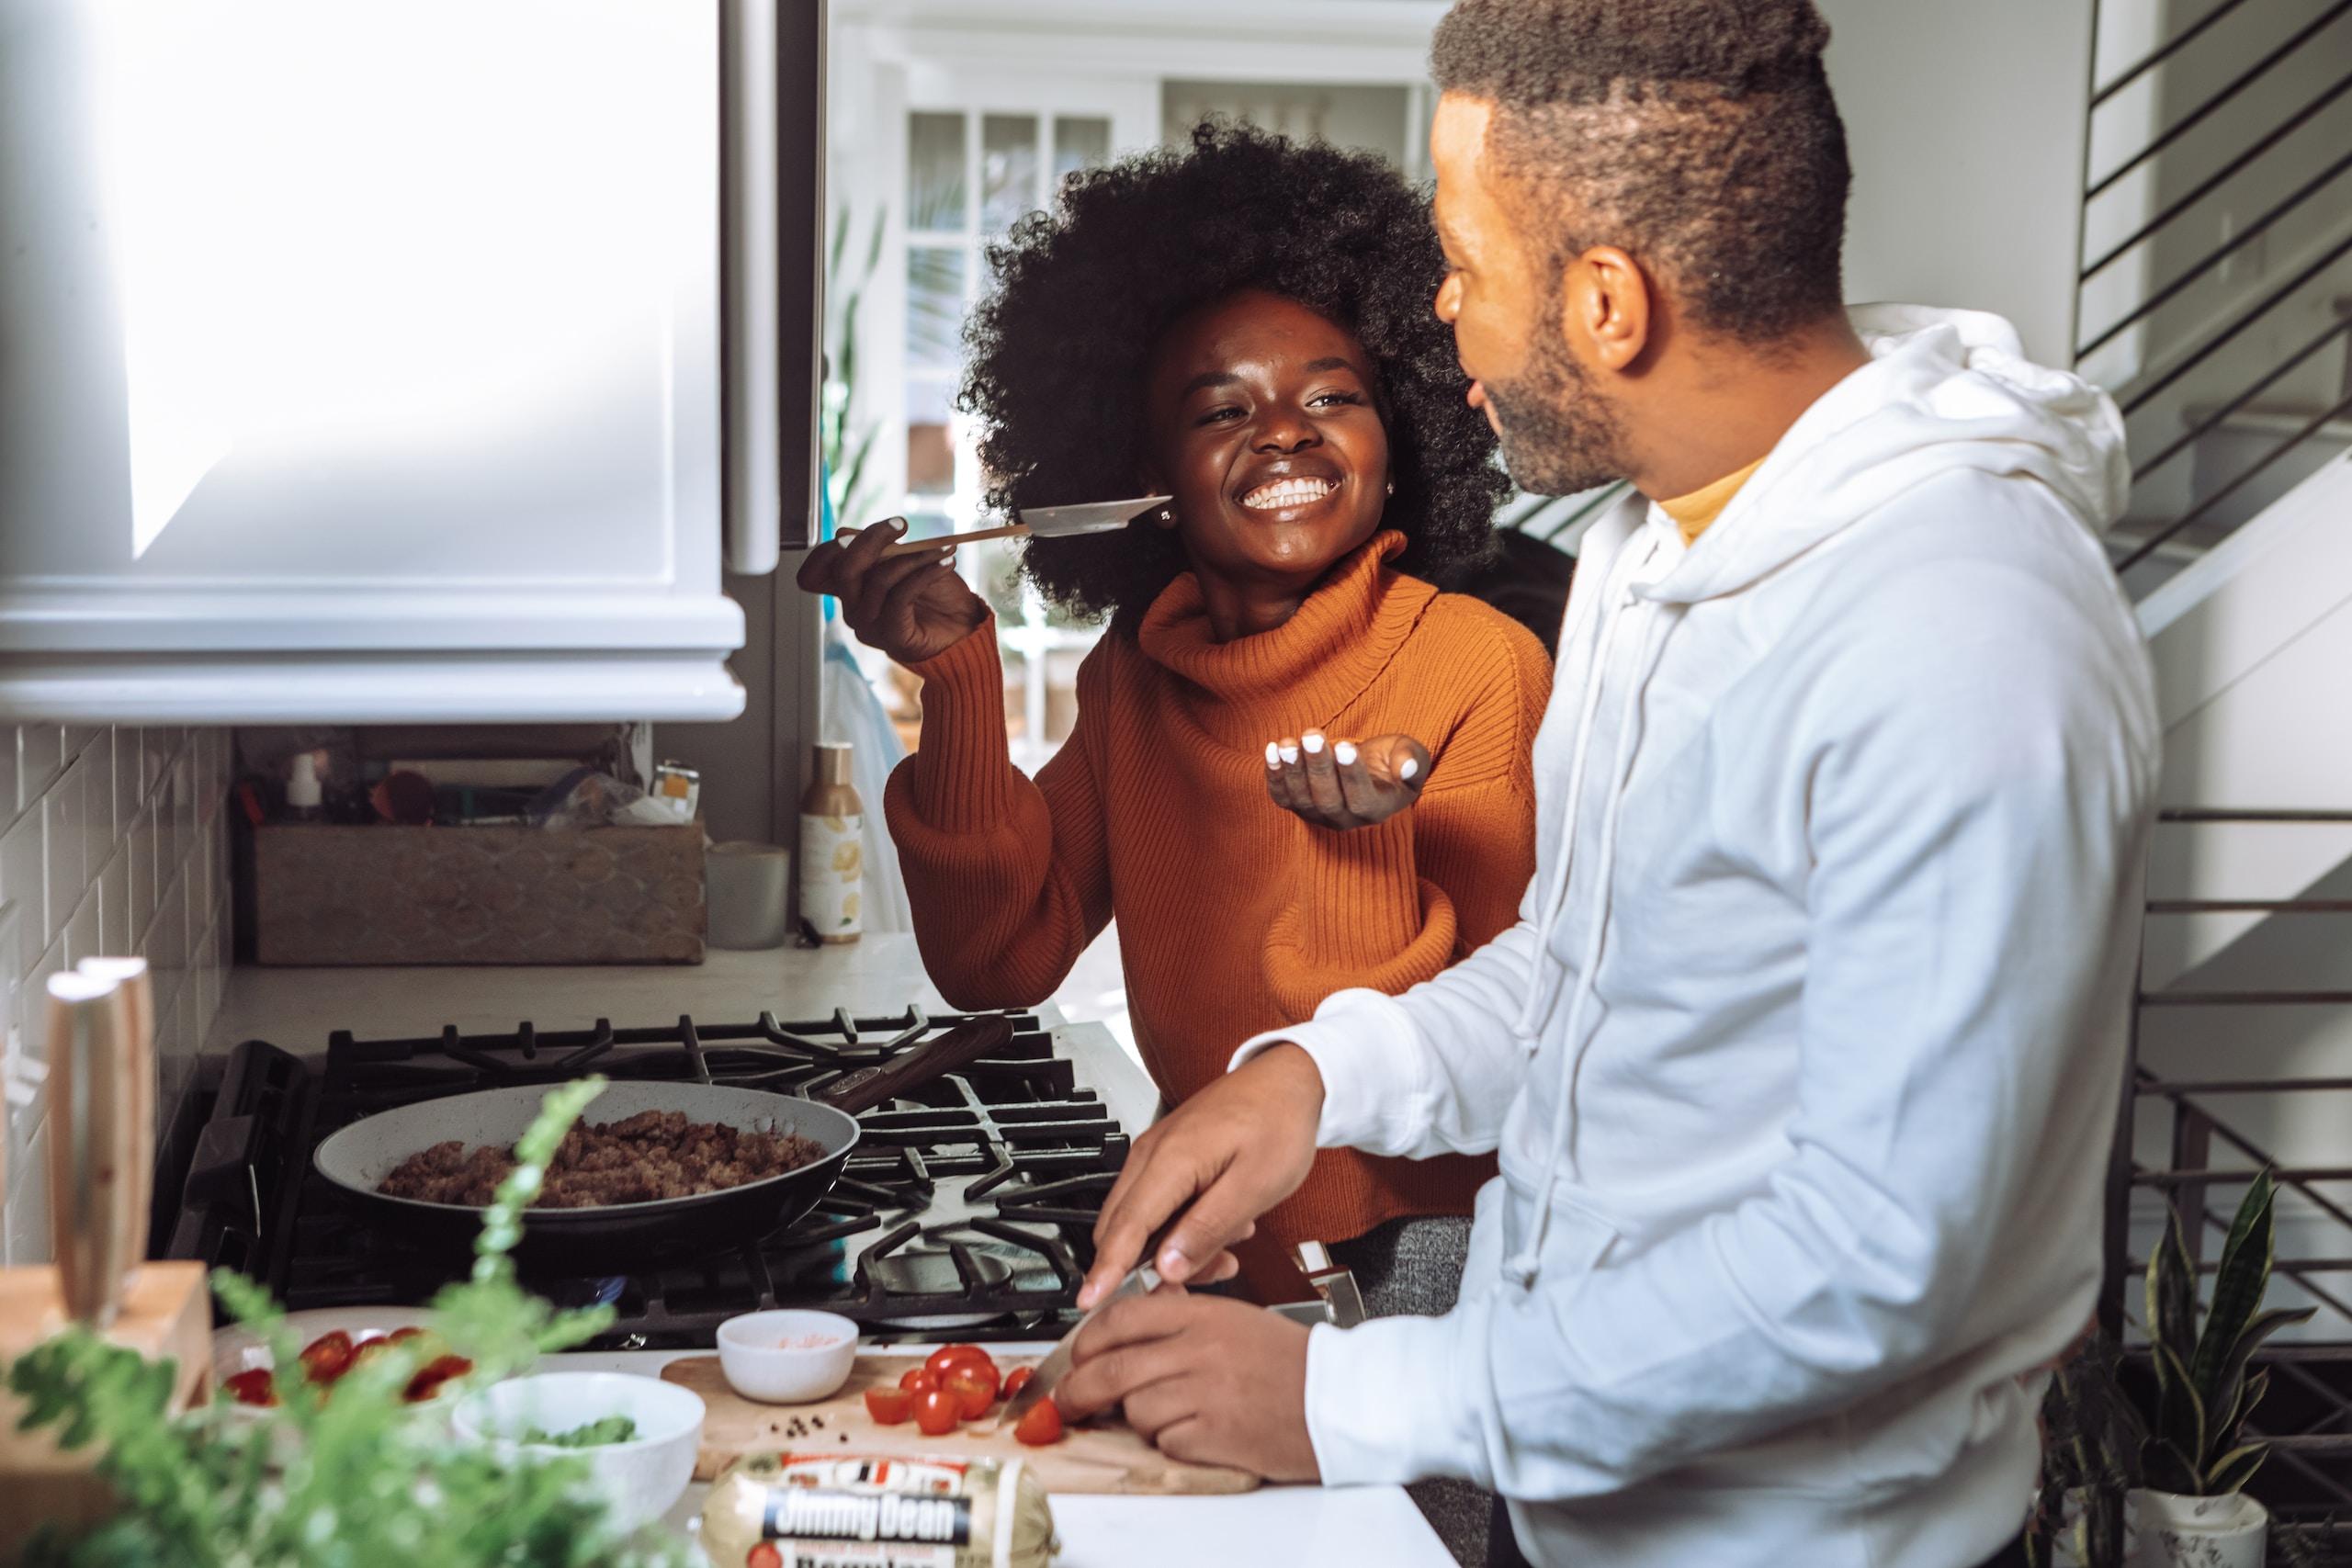 Ekilu o Noodle aboga por una dieta saludable y de consumo sostenle que evite la carne roja